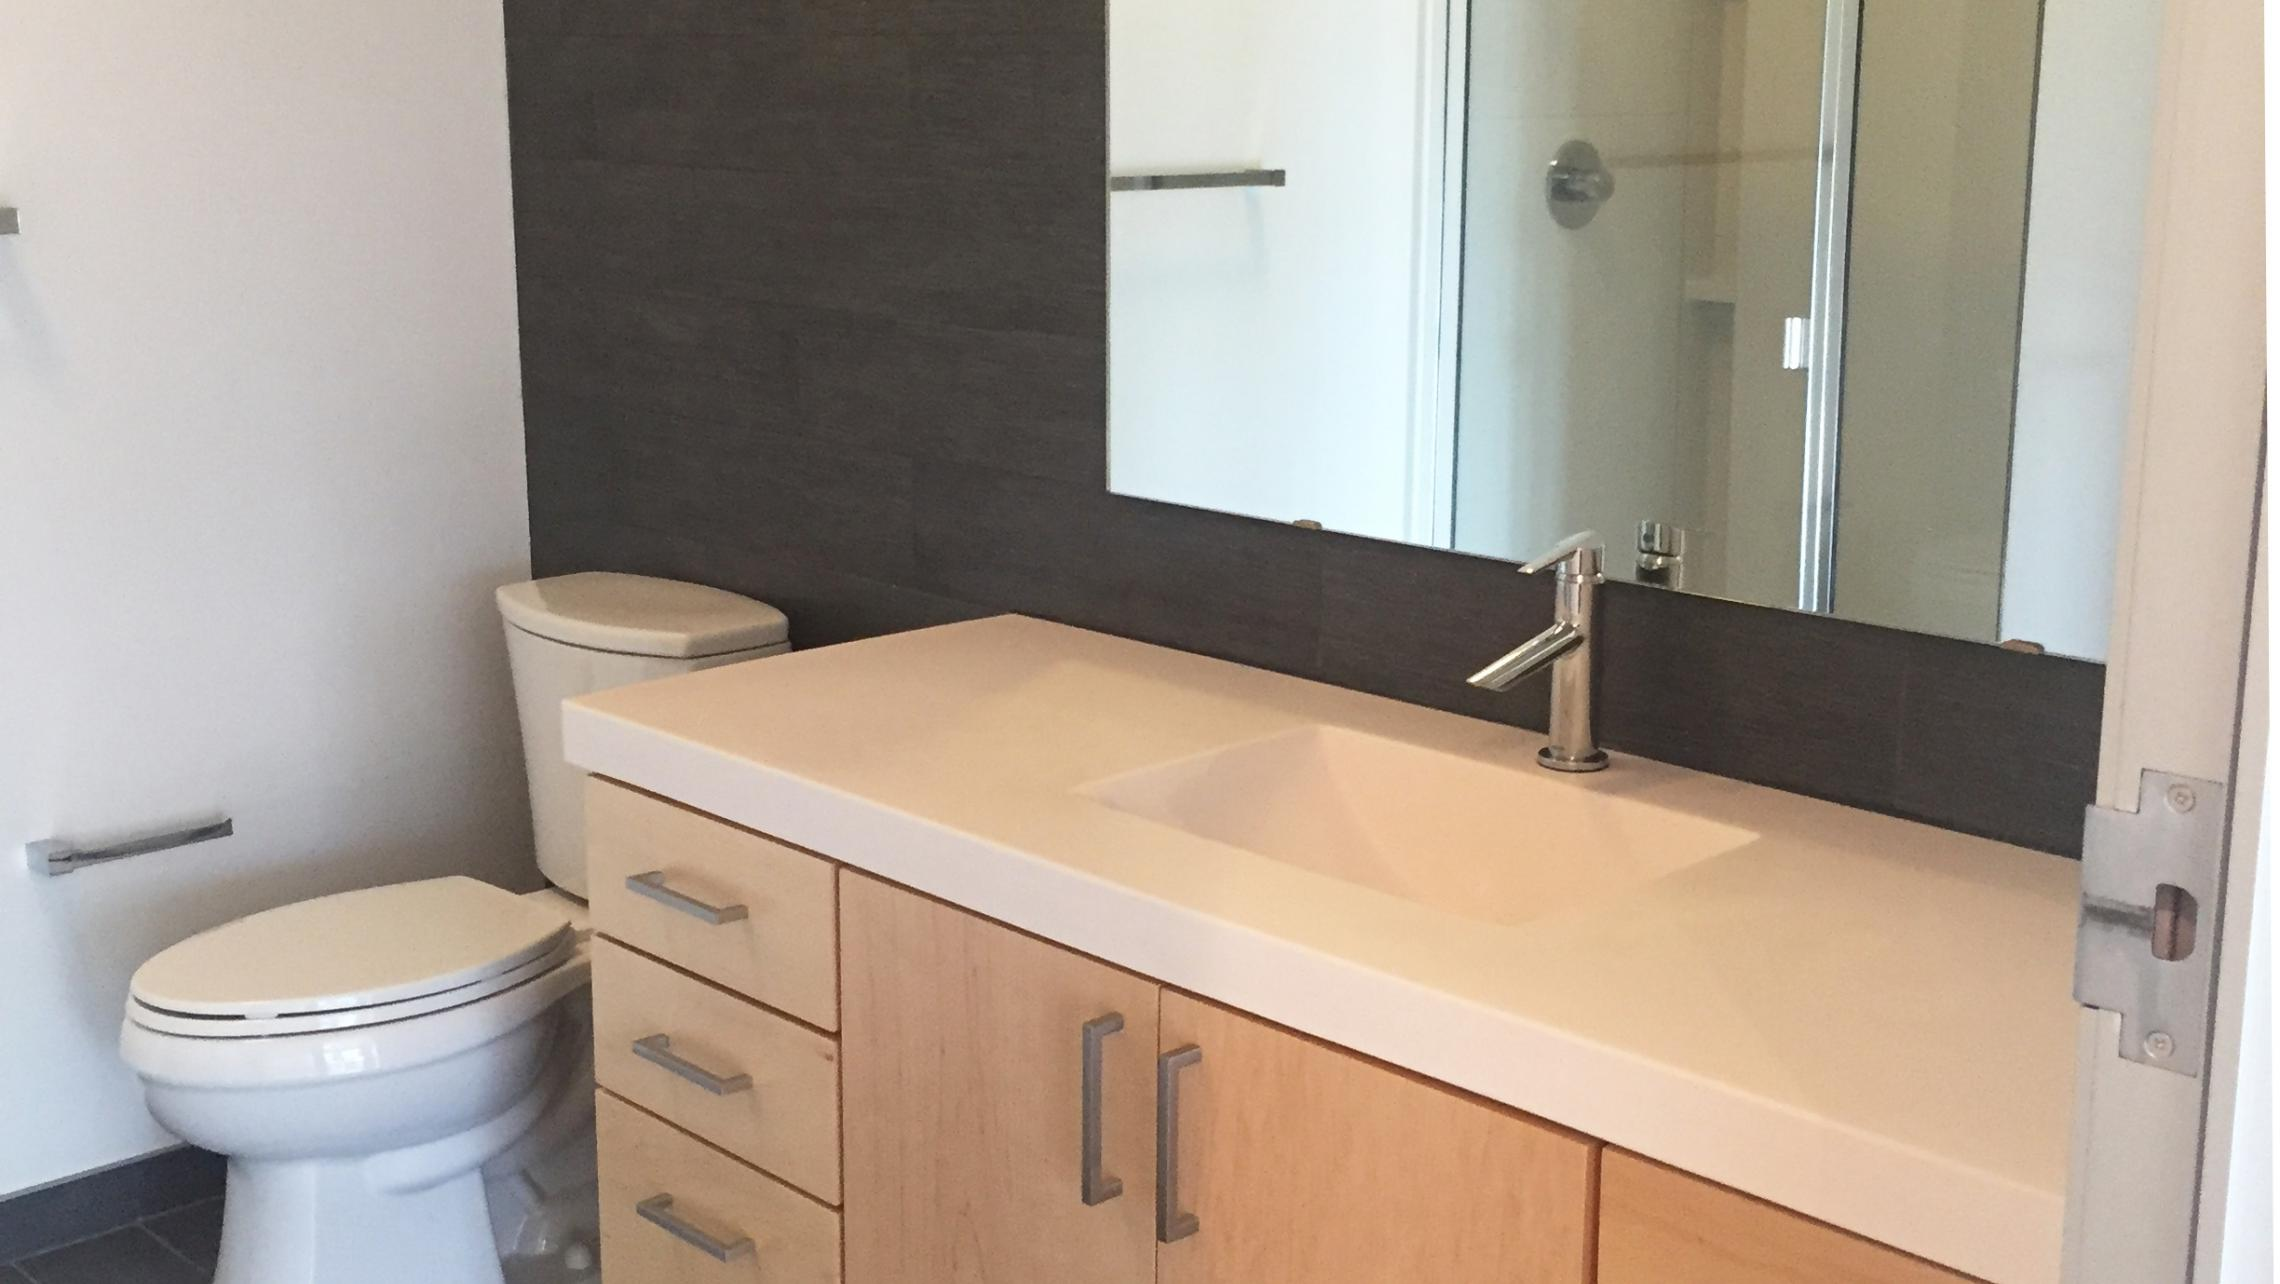 ULI Seven27 Apartment 237 - Bathroom